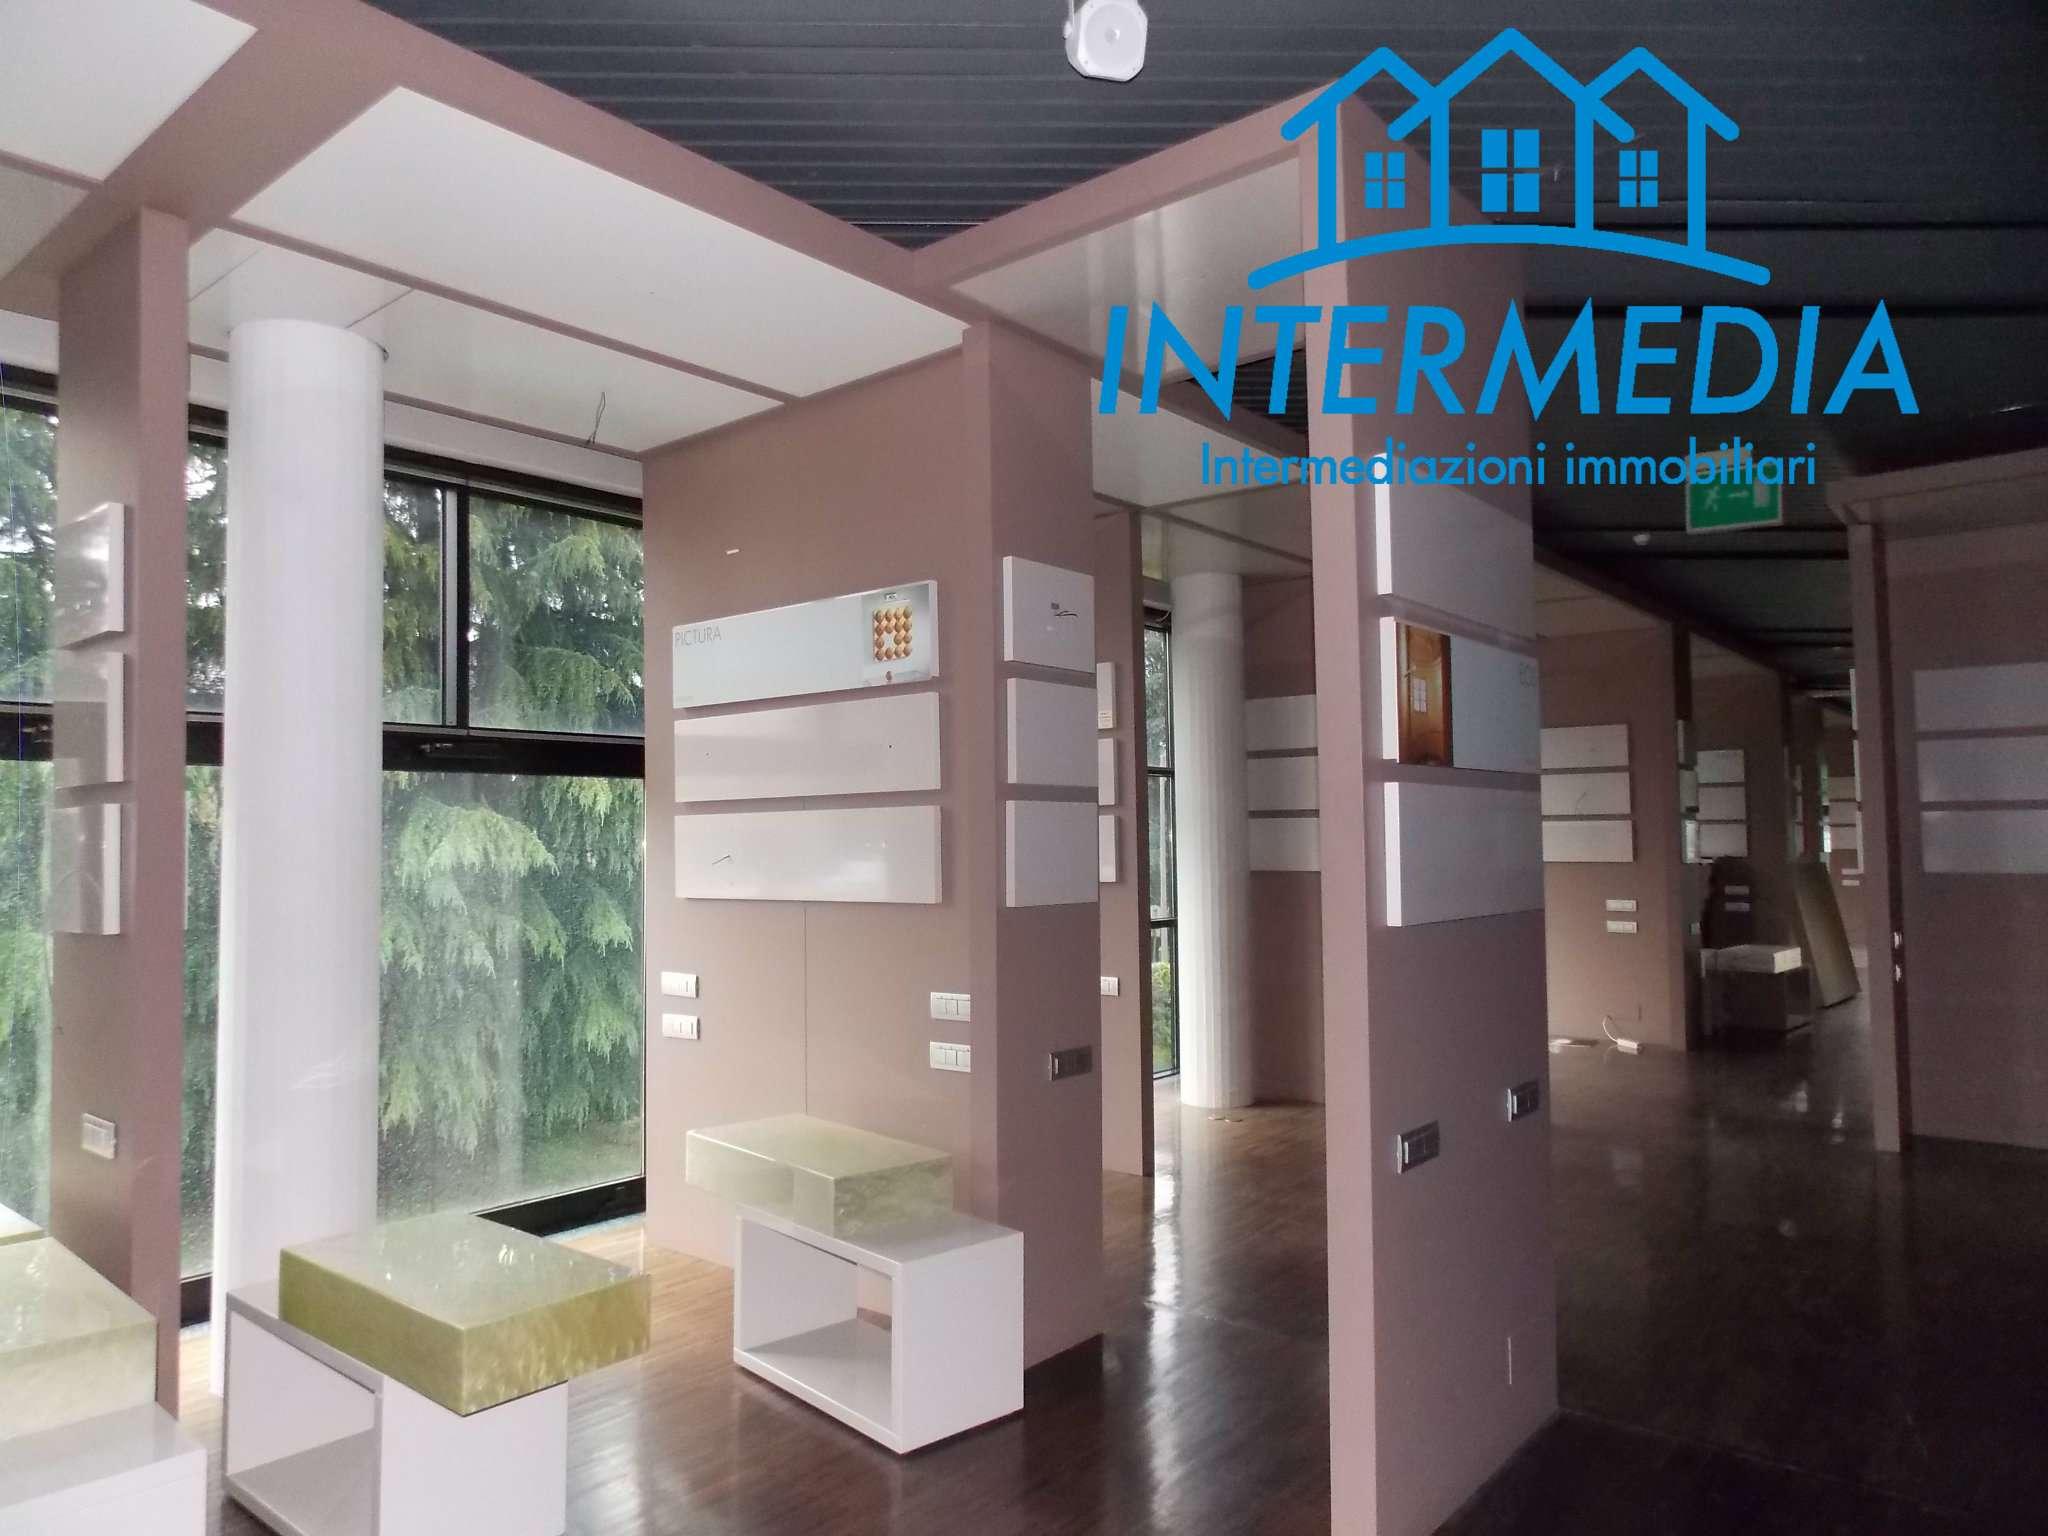 Ufficio / Studio in vendita a Rozzano, 8 locali, prezzo € 1.800.000 | CambioCasa.it